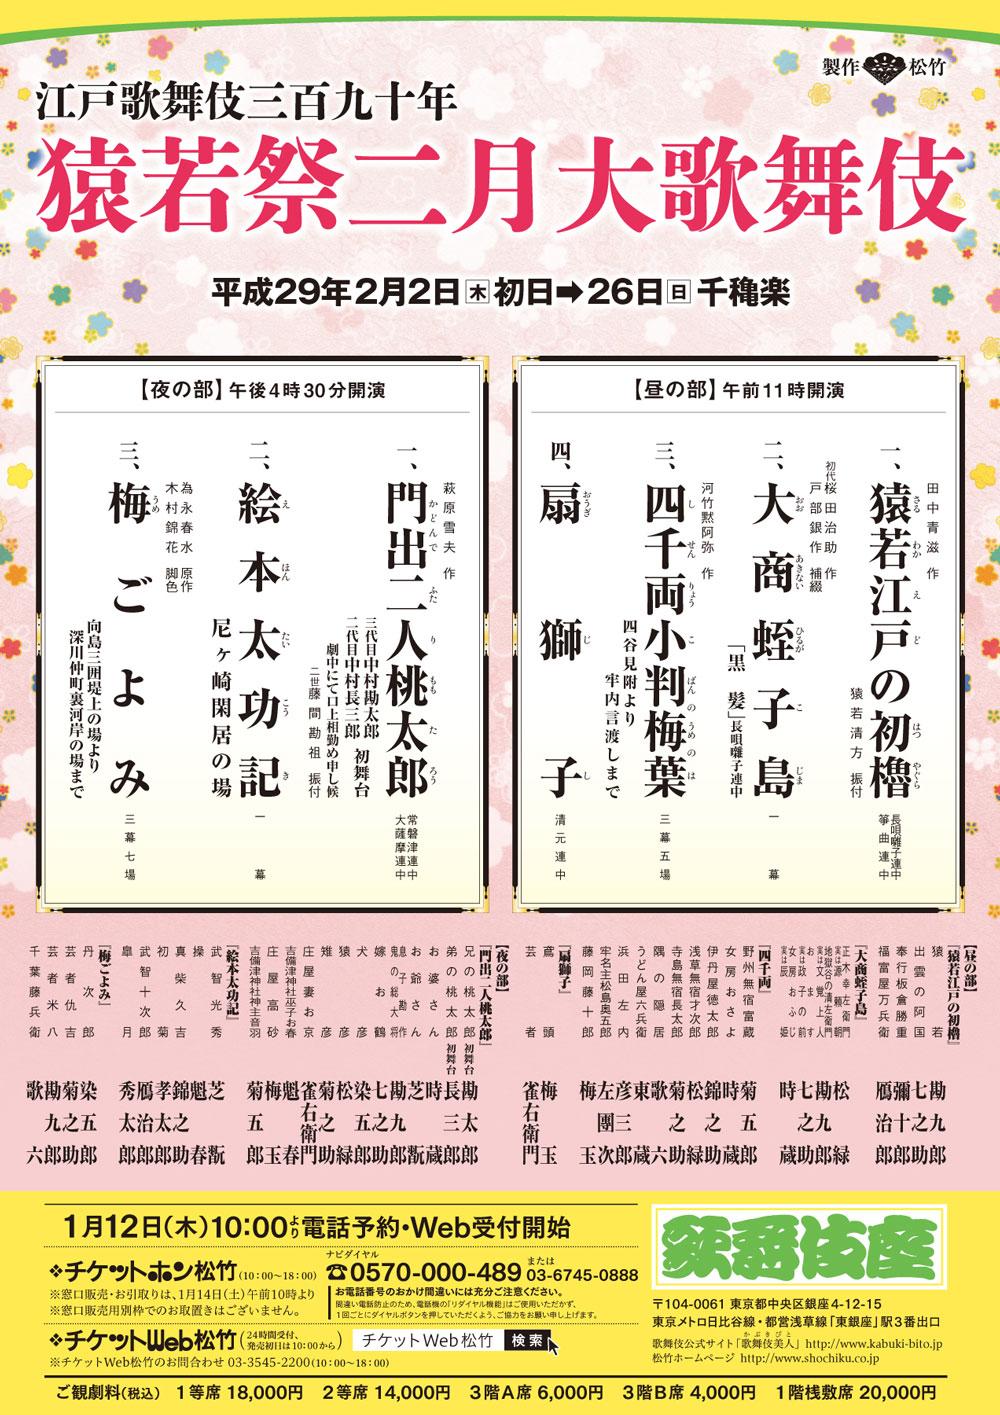 kabukiza_201702fl_d1bdc9e9cf492d402b14492ec62b9619